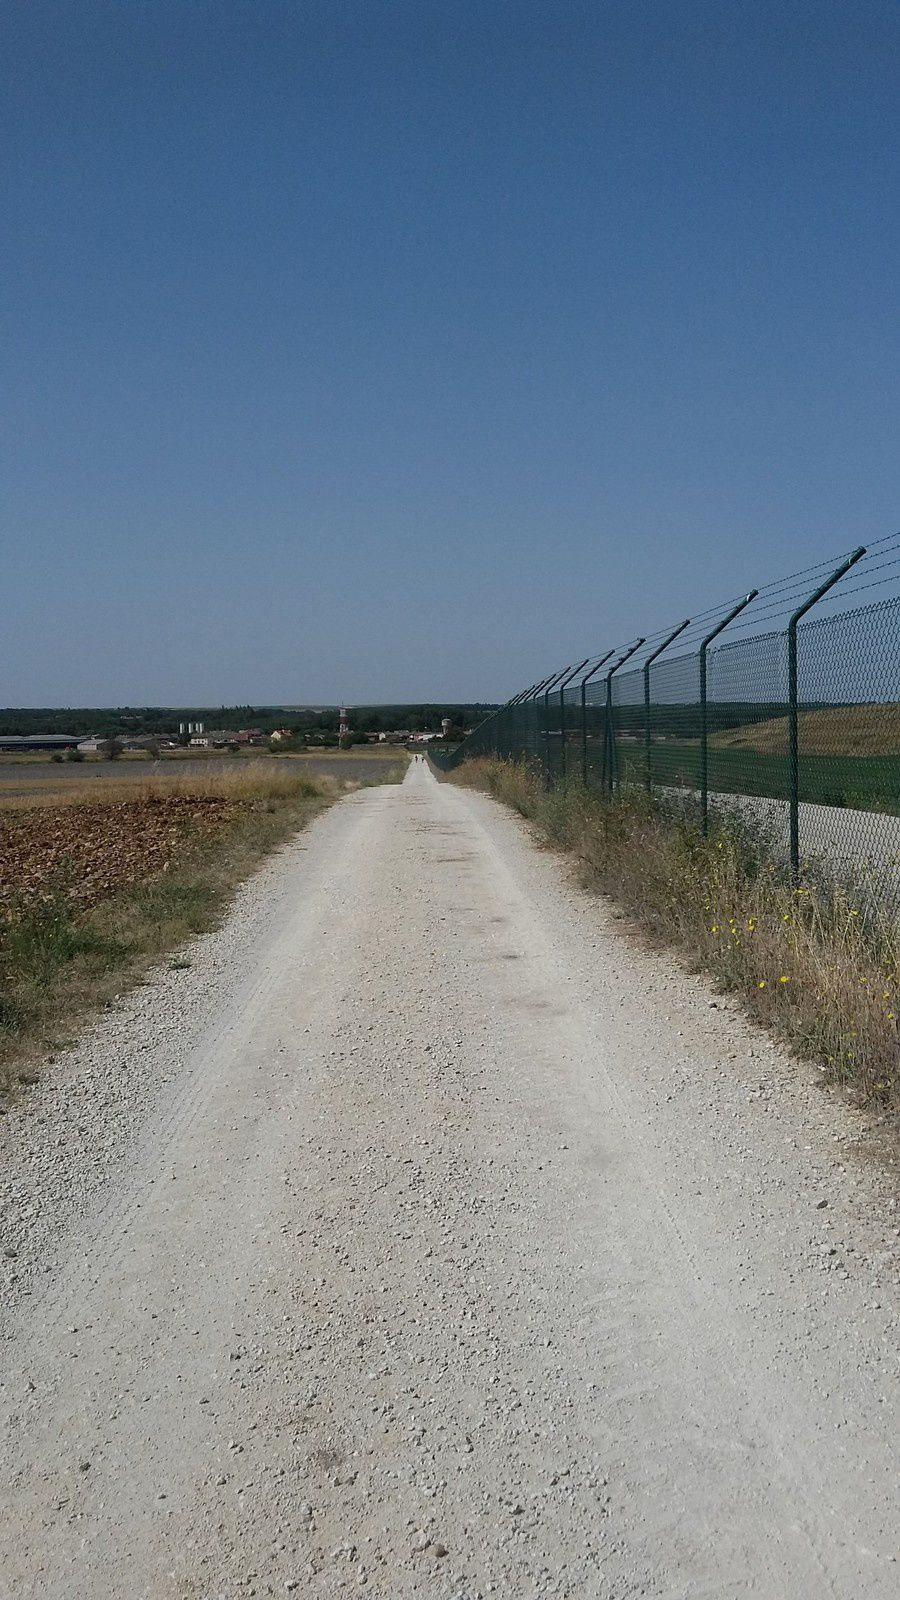 Le sentier longeant l'aéroport est très long, et nous sommes rarement dérangés par les avions qui ne décolle pas très souvent...